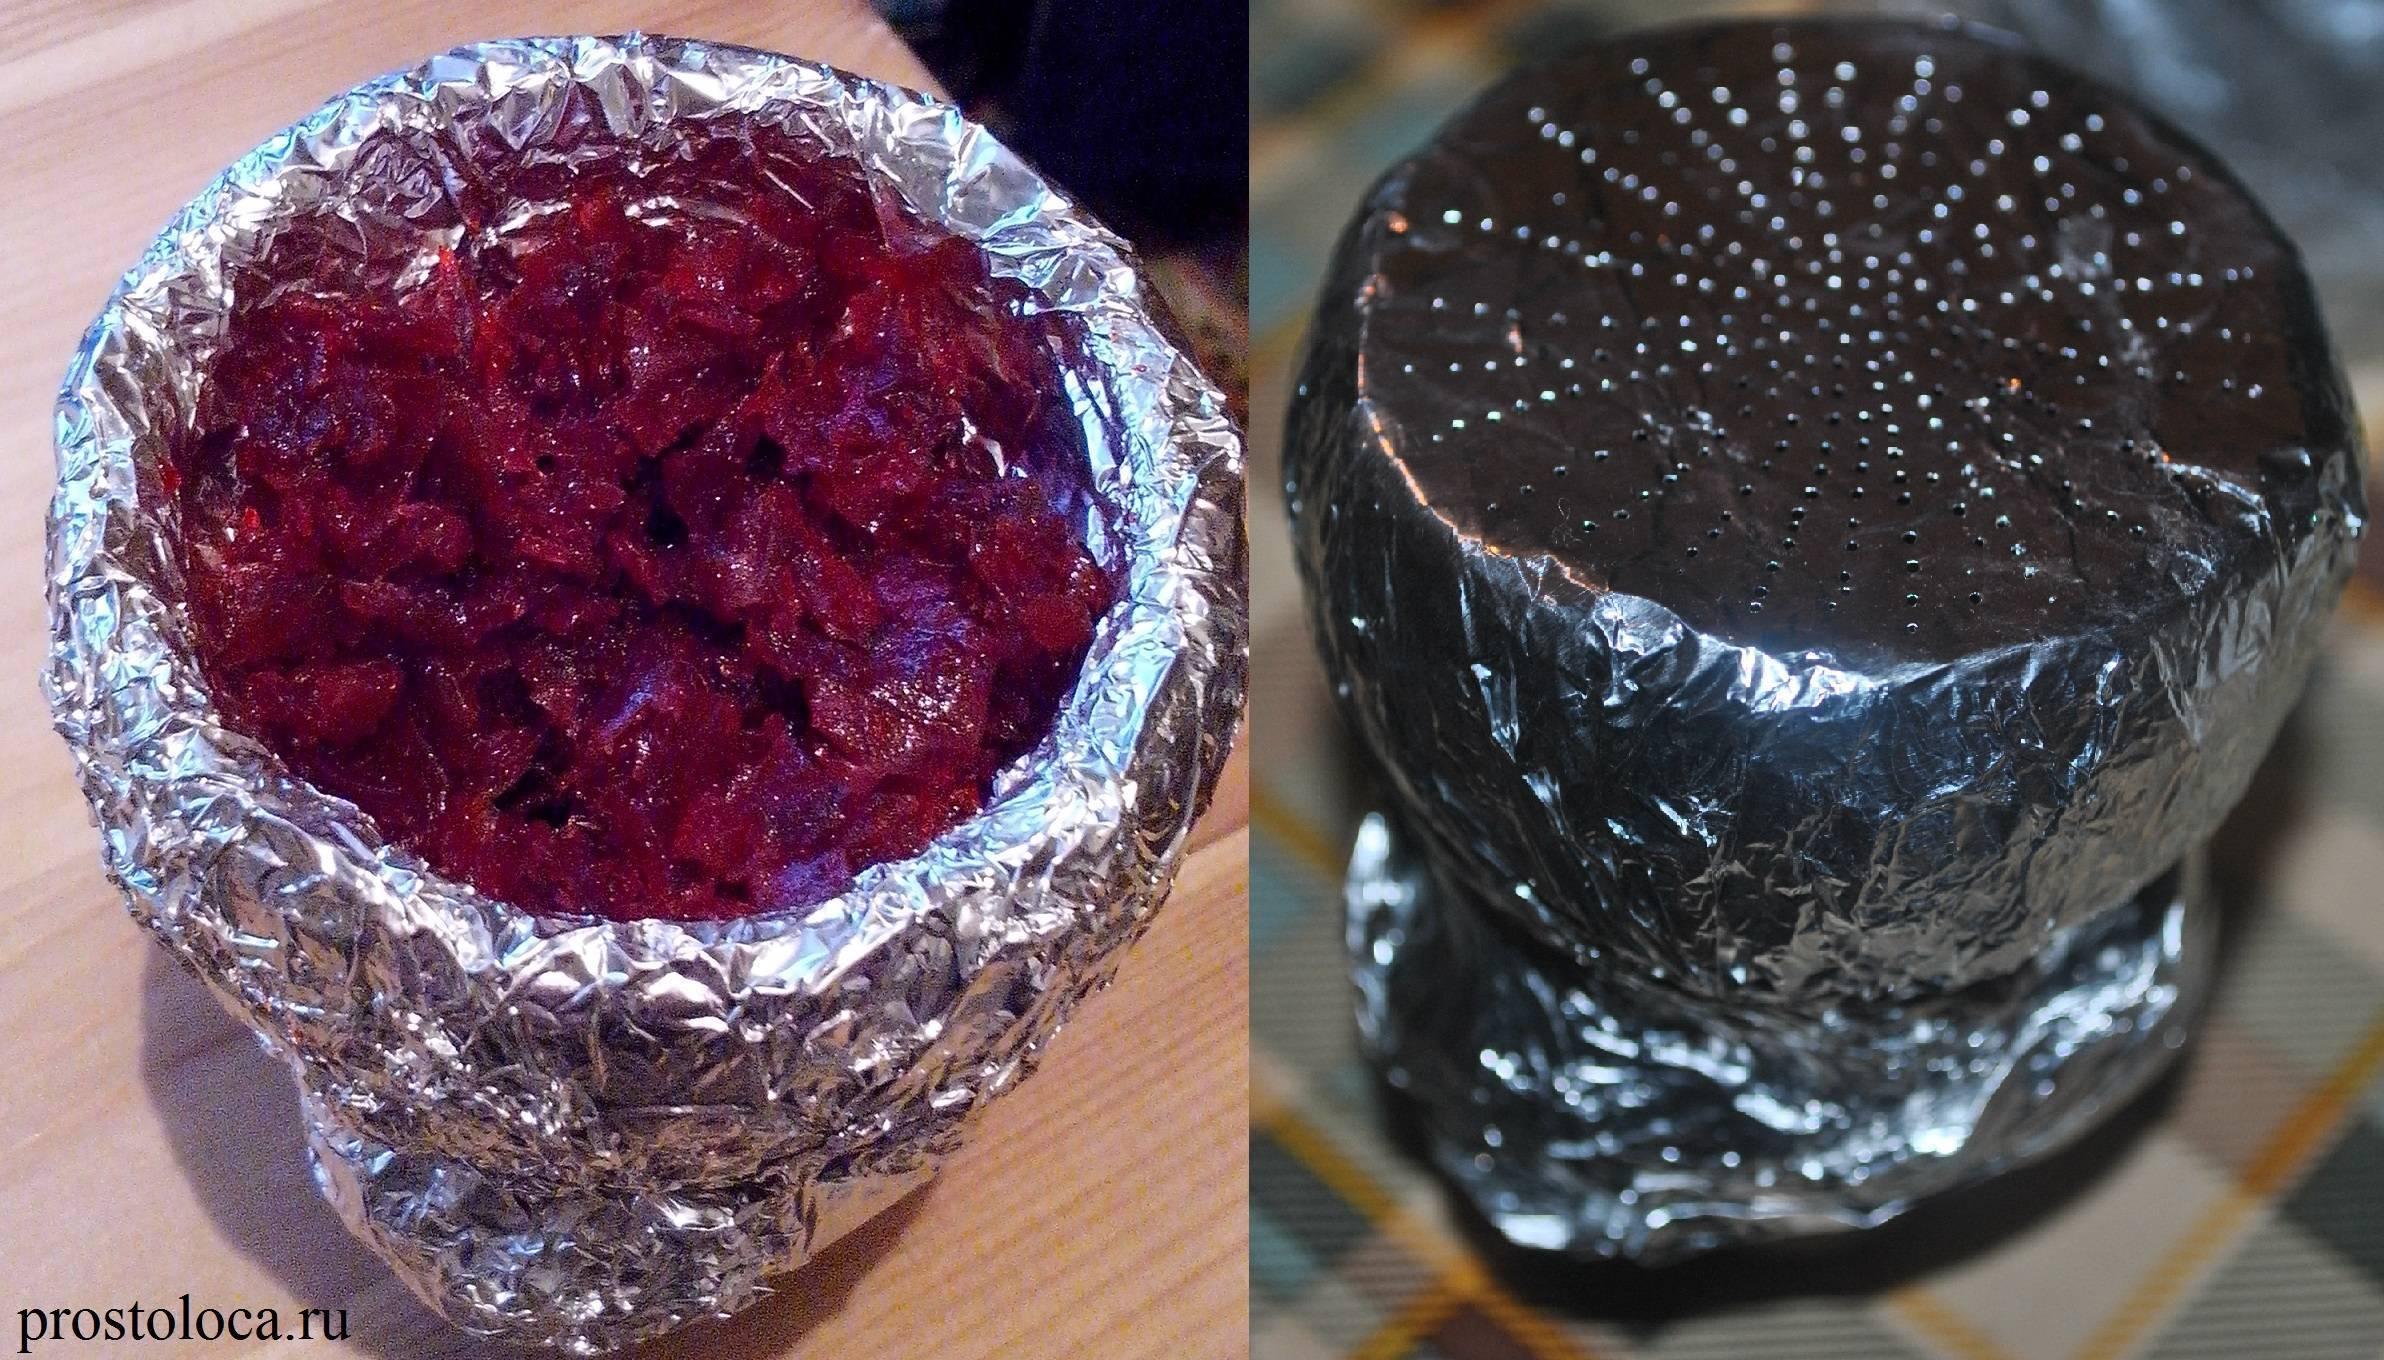 Как отмывать глиняную чашу для кальяна? ✩ блог сети кальянных moskalyan